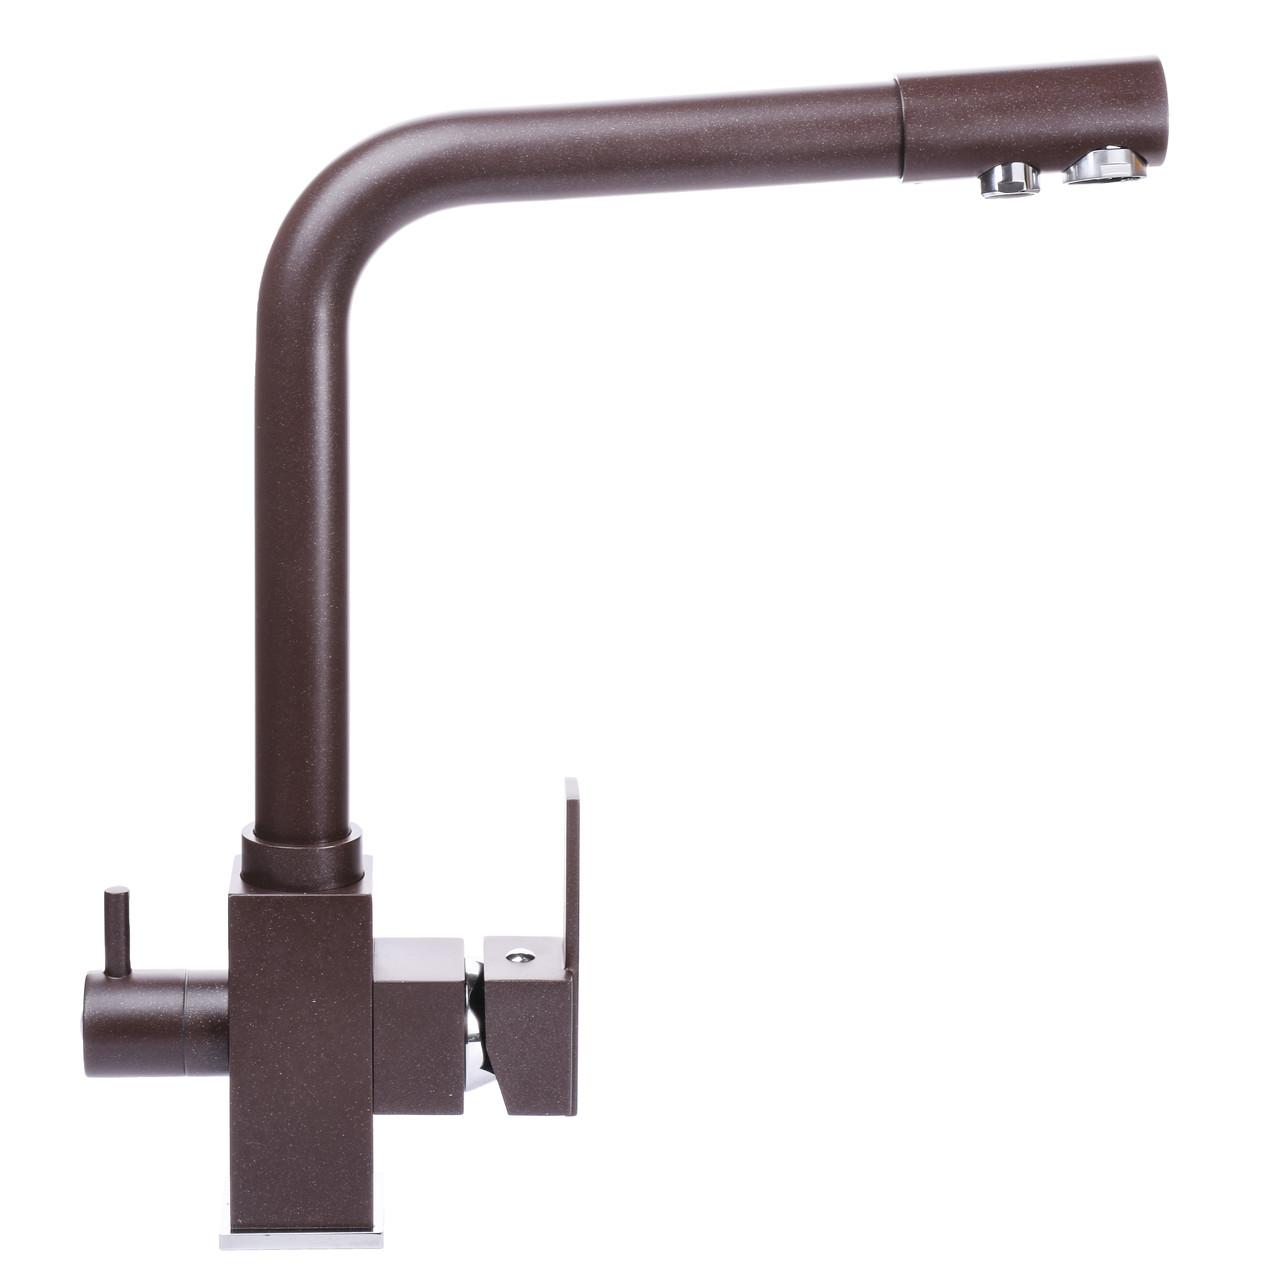 Смеситель для кухни под осмос Globus Lux GLLR-0100-6-MARONE